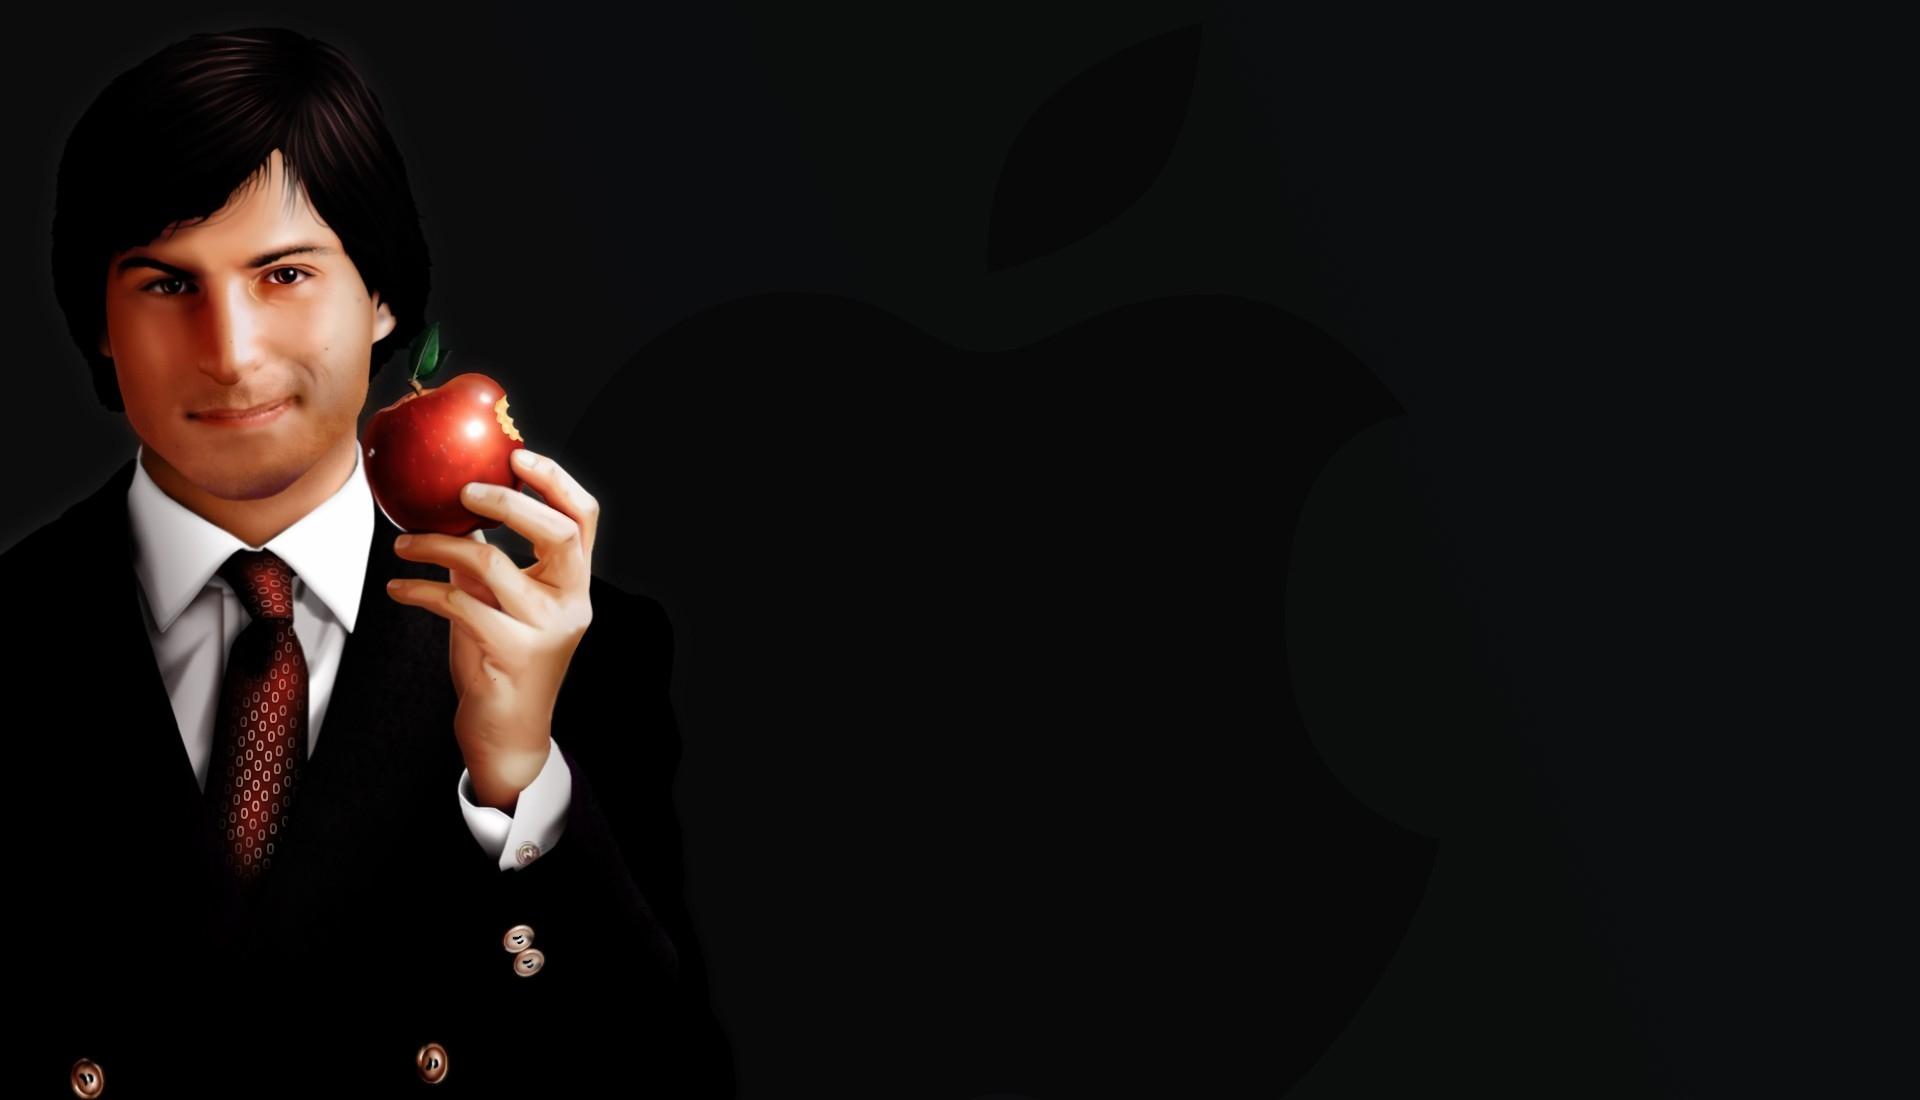 стив джобс картинка с яблоком нас купить